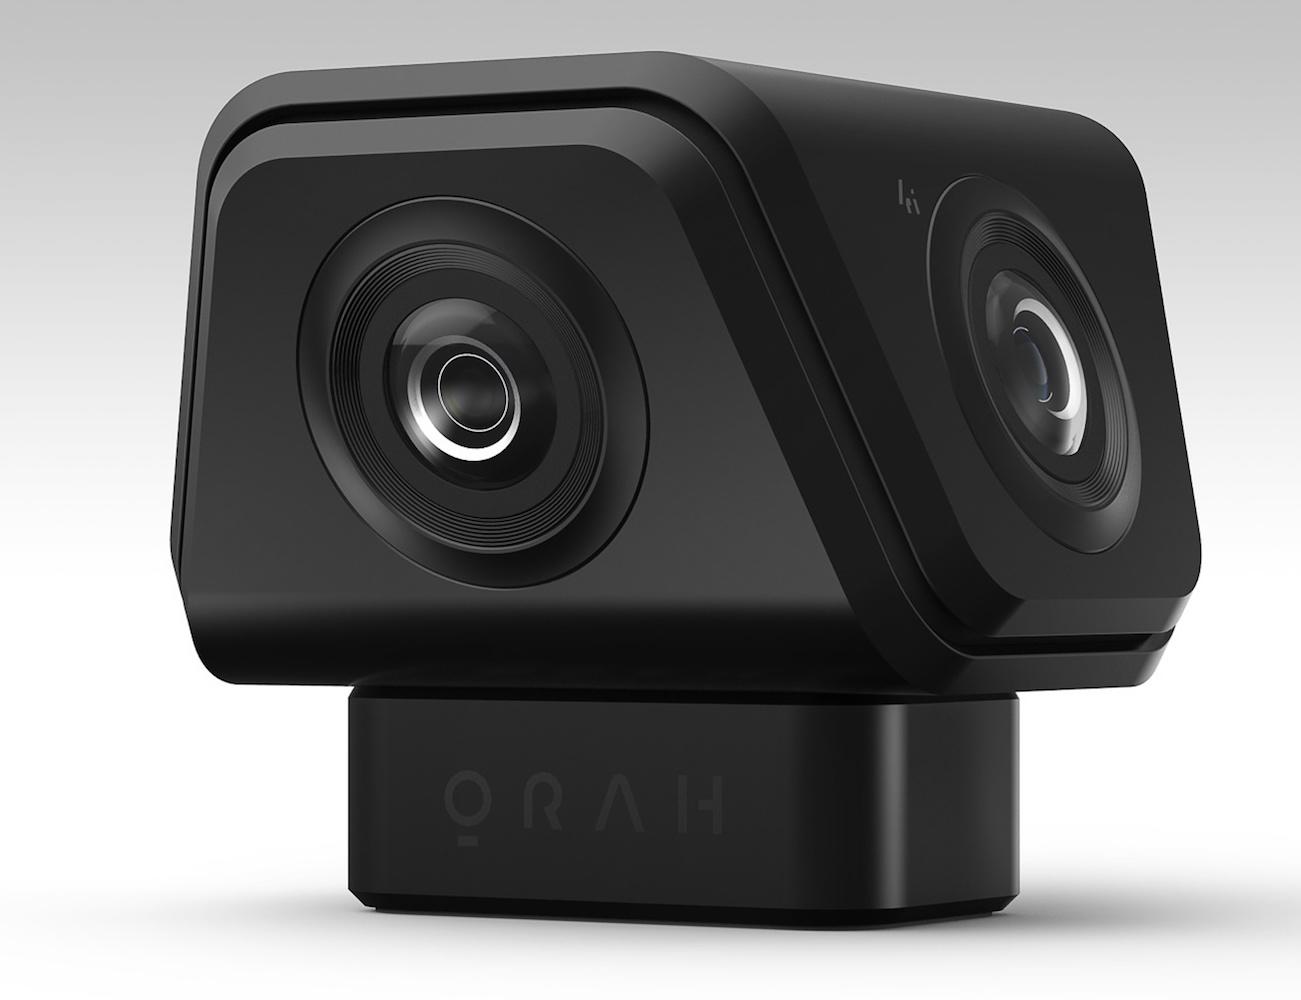 Orah 4i live stream 4k camera gadget flow for Camera streaming live